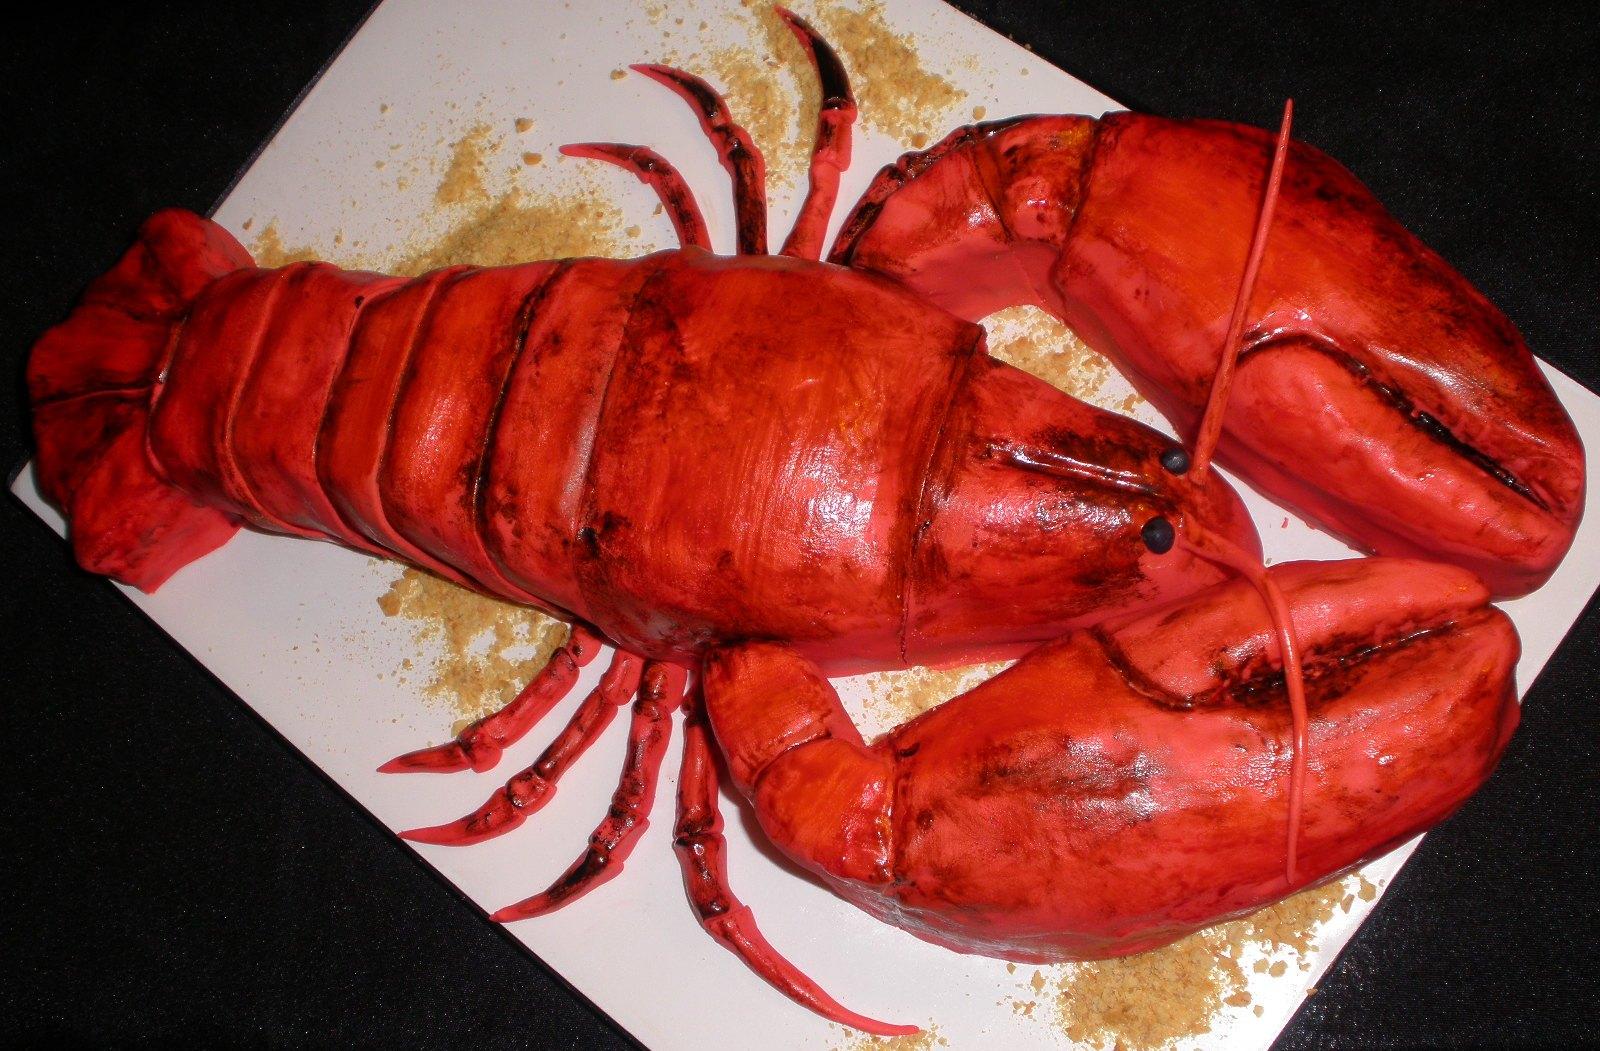 http://1.bp.blogspot.com/_HedvIaGKm1s/SxM5EiitWjI/AAAAAAAAA2g/00xu84jBZW4/s1600/lobster2.JPG